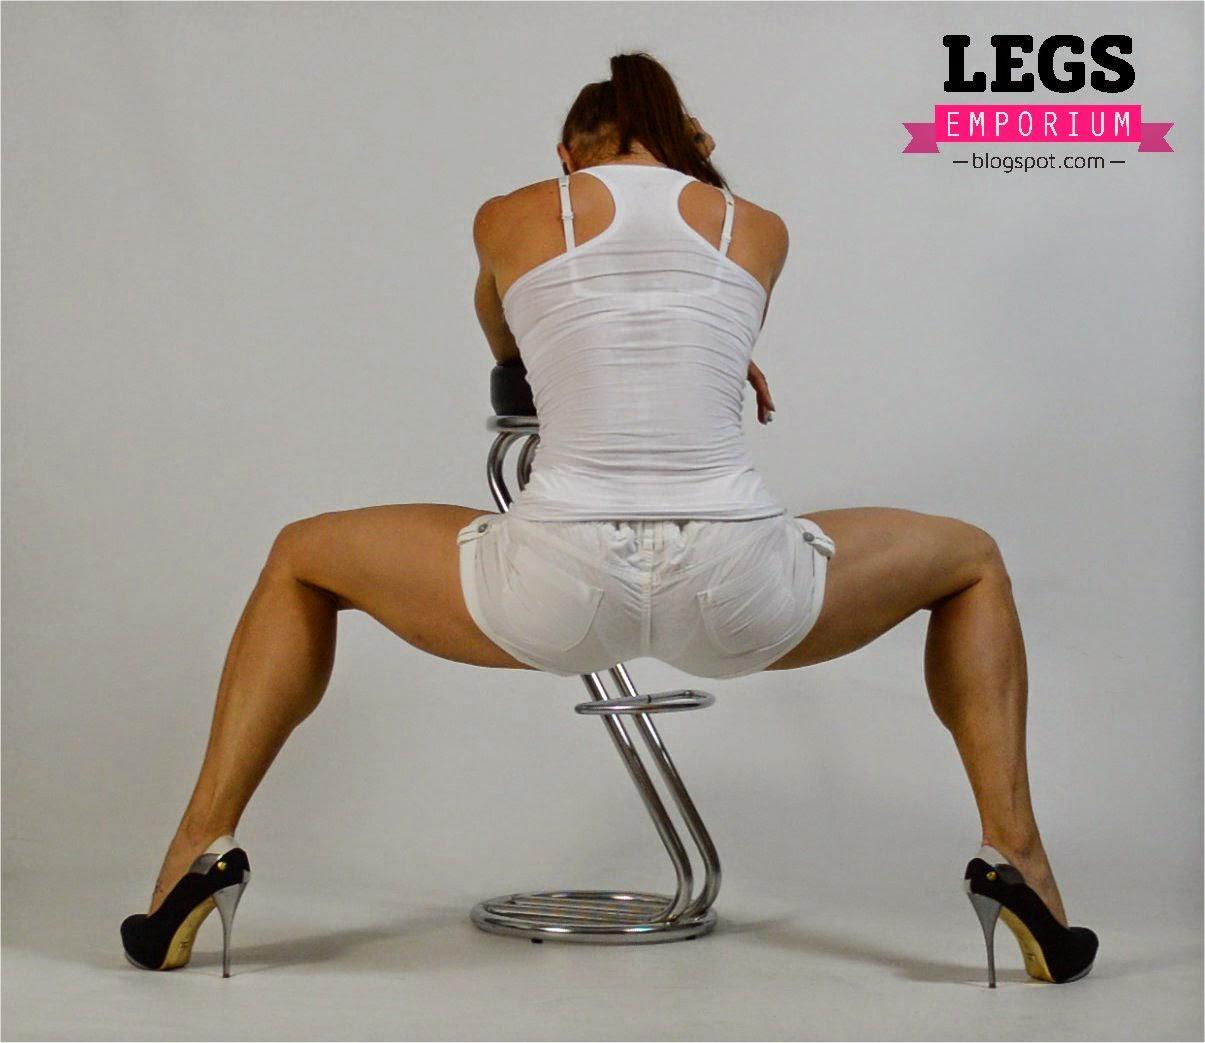 Legs Emporium: L-E-G-S!